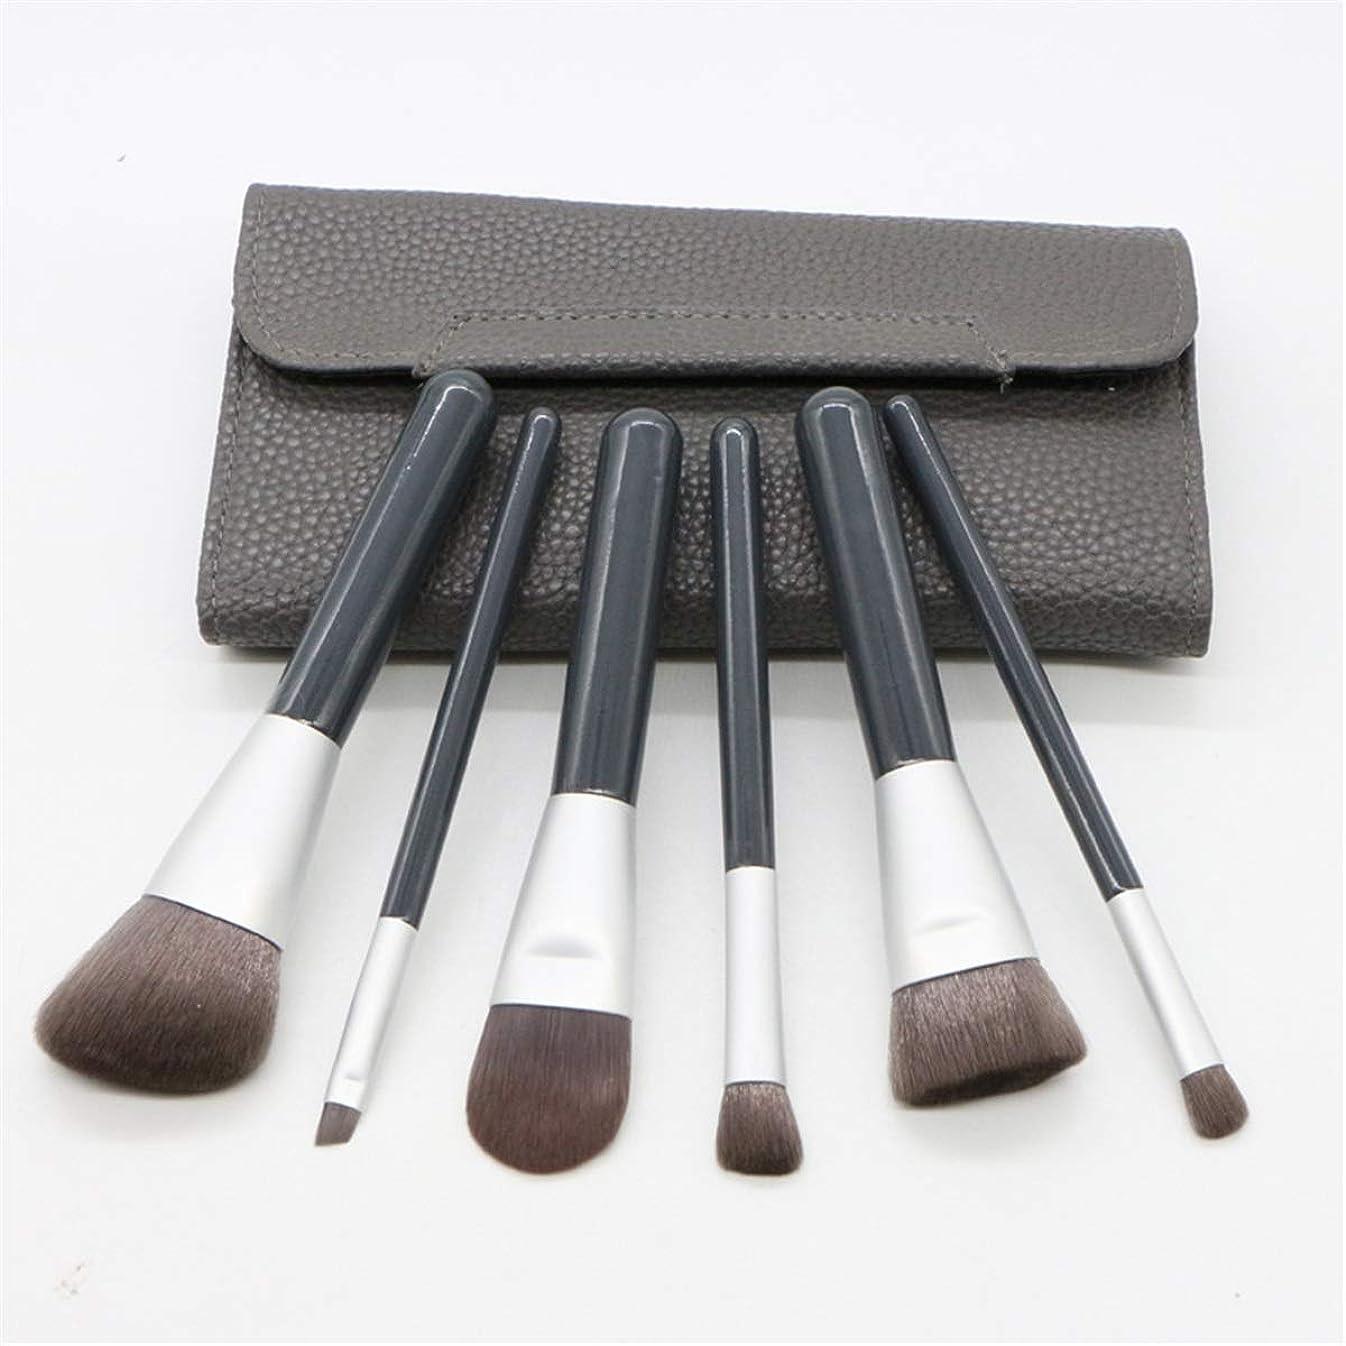 フィクション安全ばかげた化粧用品 6ピース竹炭繊維化粧ブラシpuバッグセットフルセットの化粧道具多機能美容ツールセット